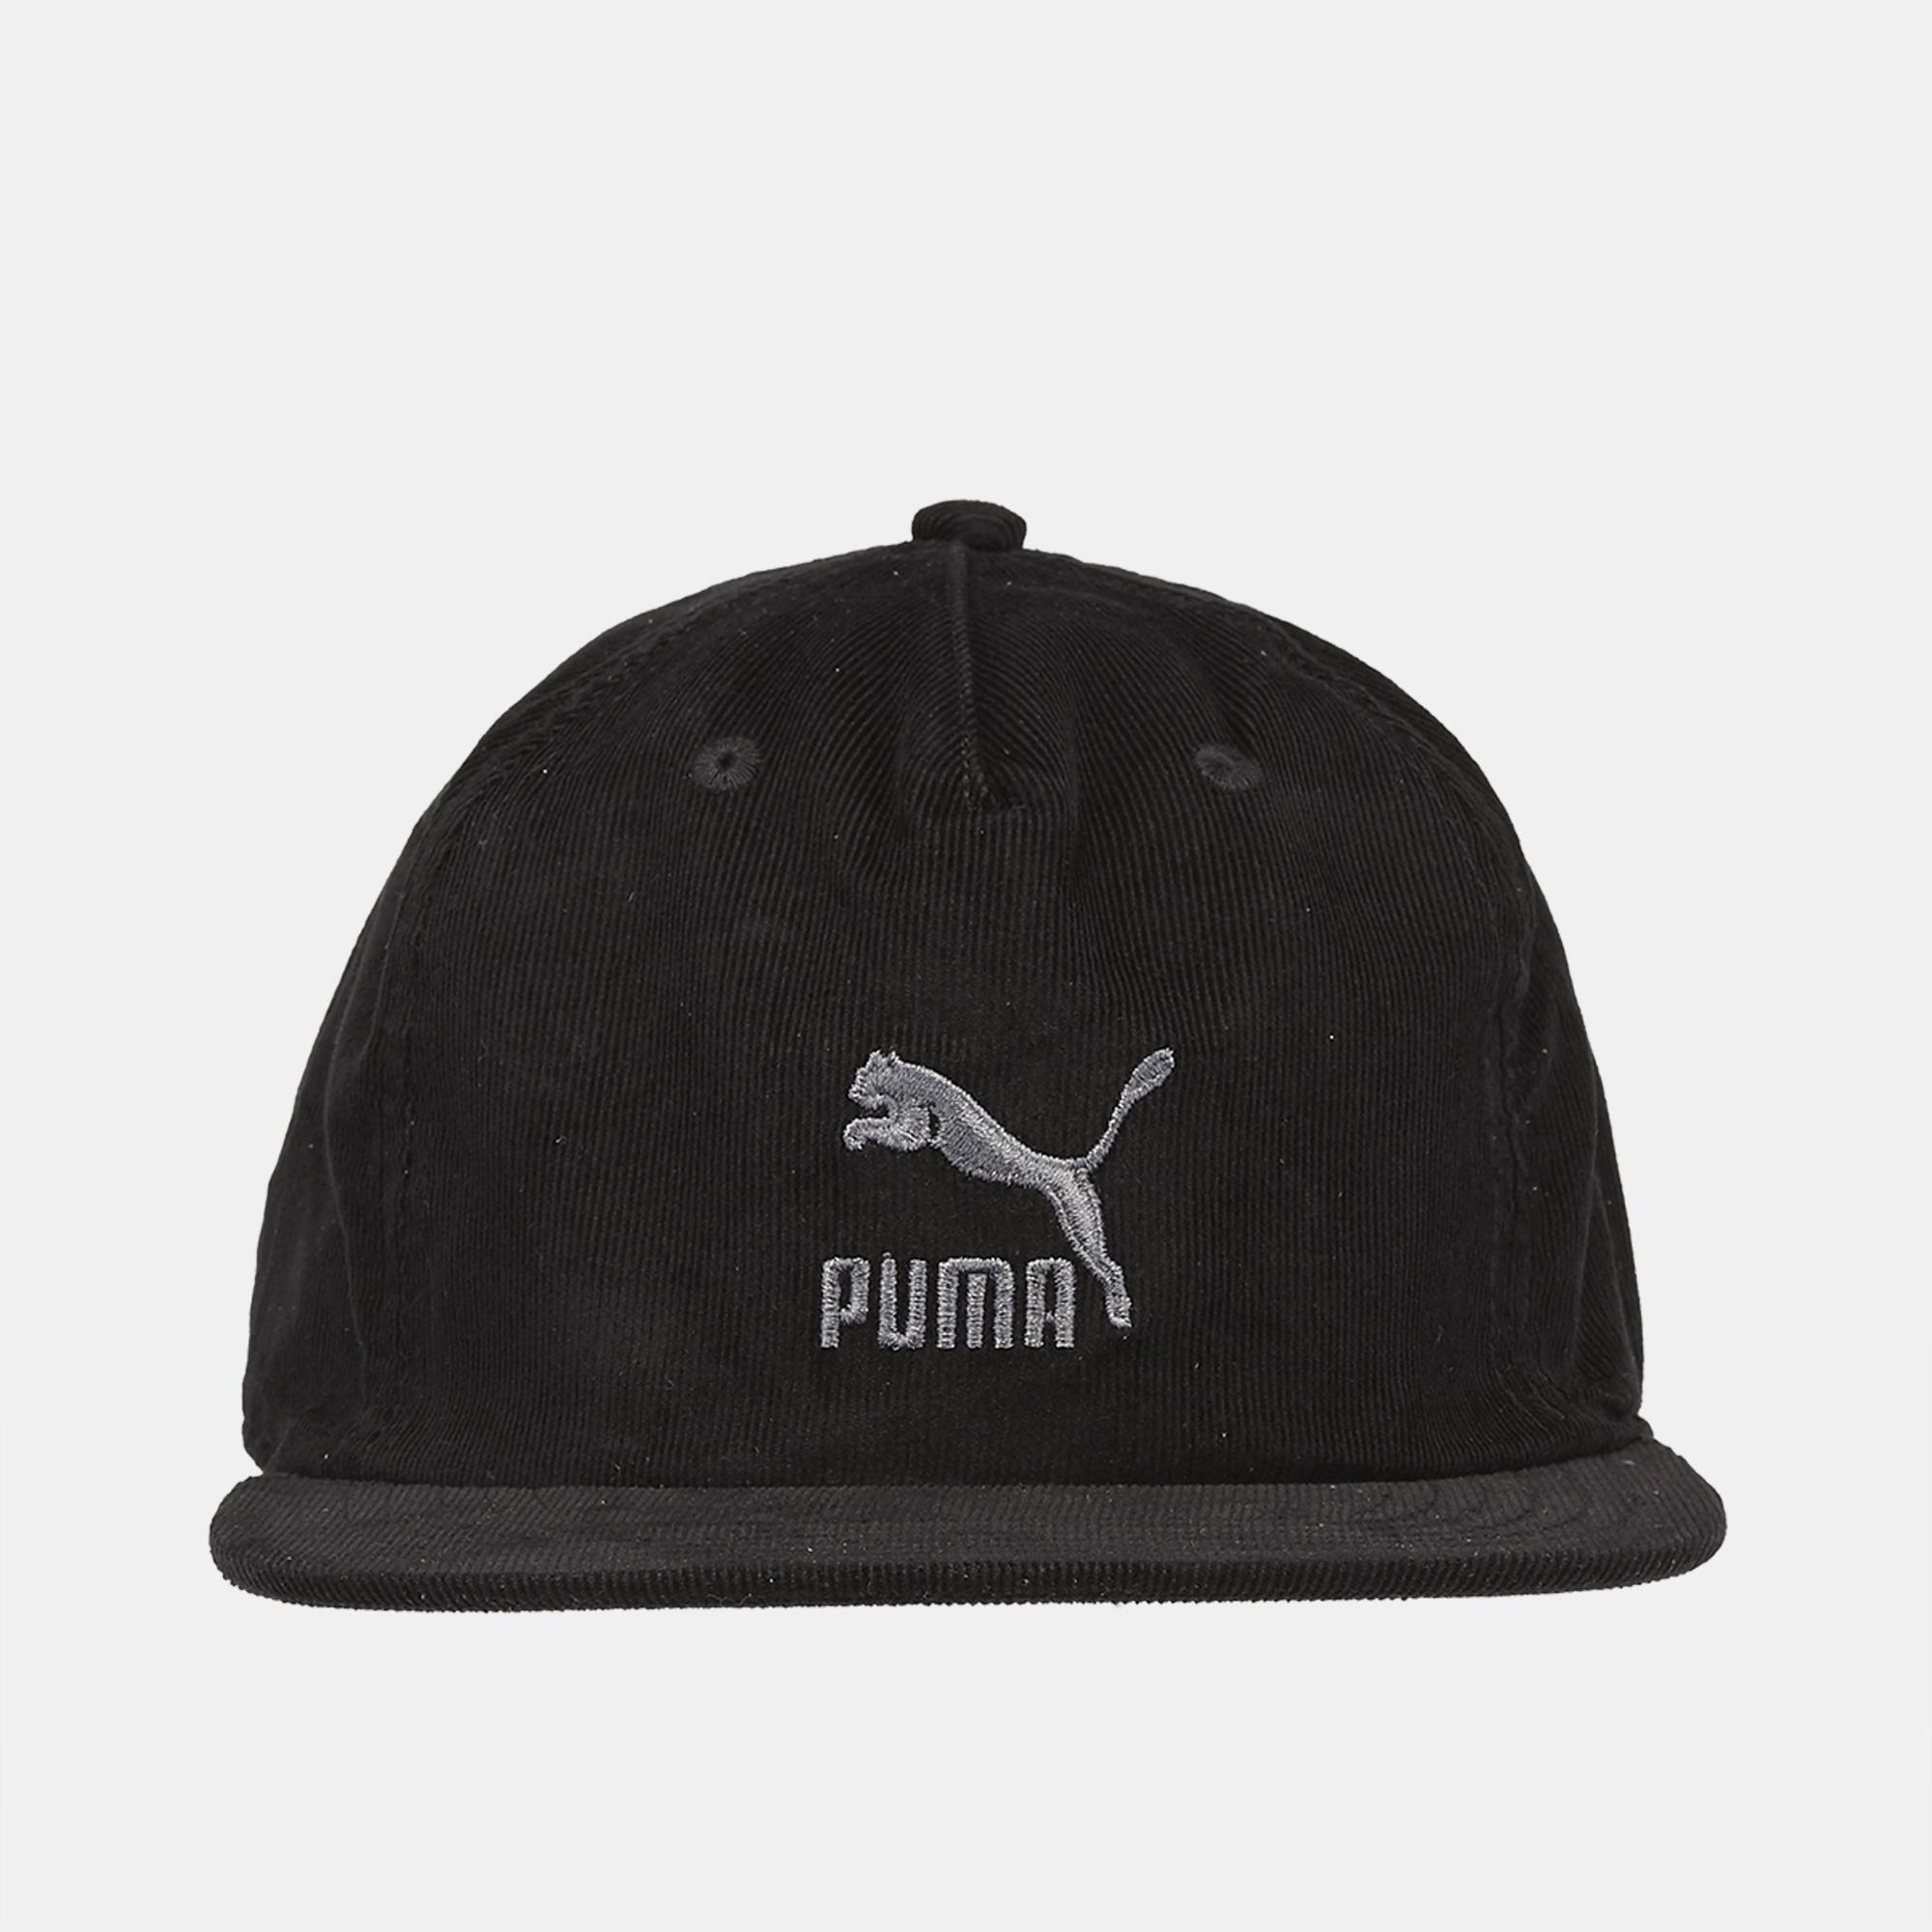 614fbcdc PUMA Archive Downtown FB Cap | Caps | Caps and Hats | Accessories | Men's  Sale | Sale | SSS